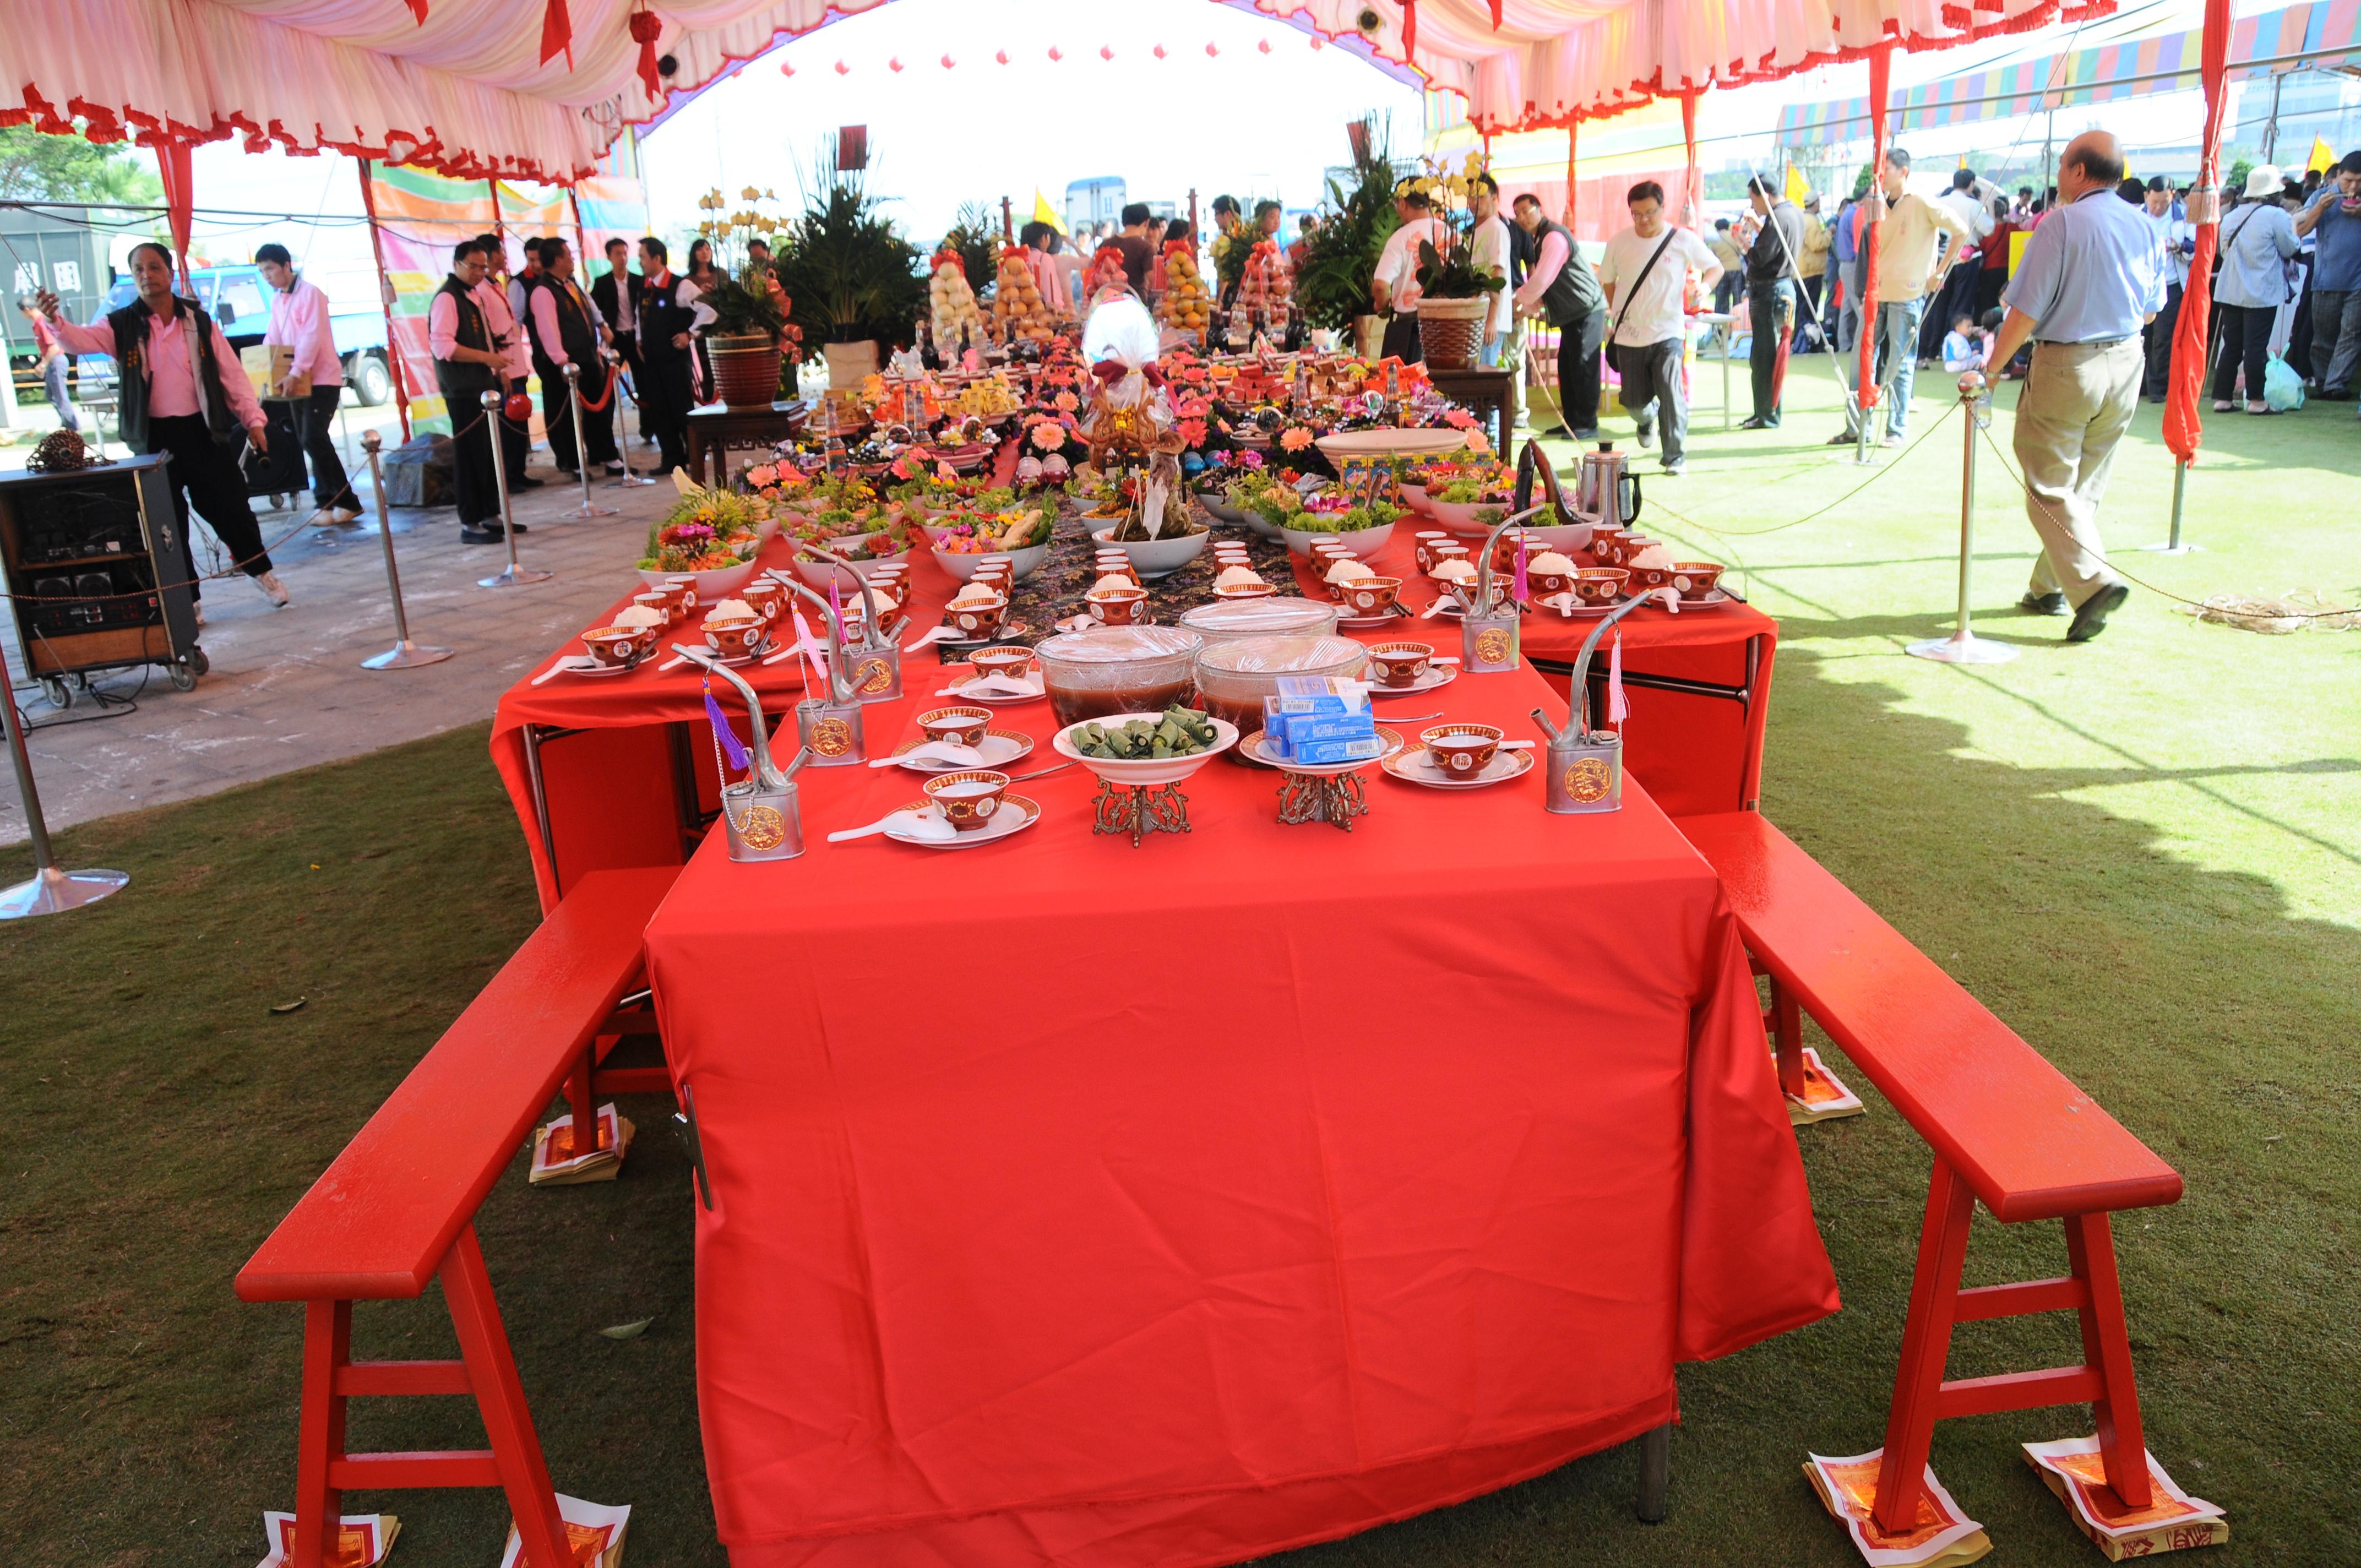 寶藏寺 祈安福醮 - 2